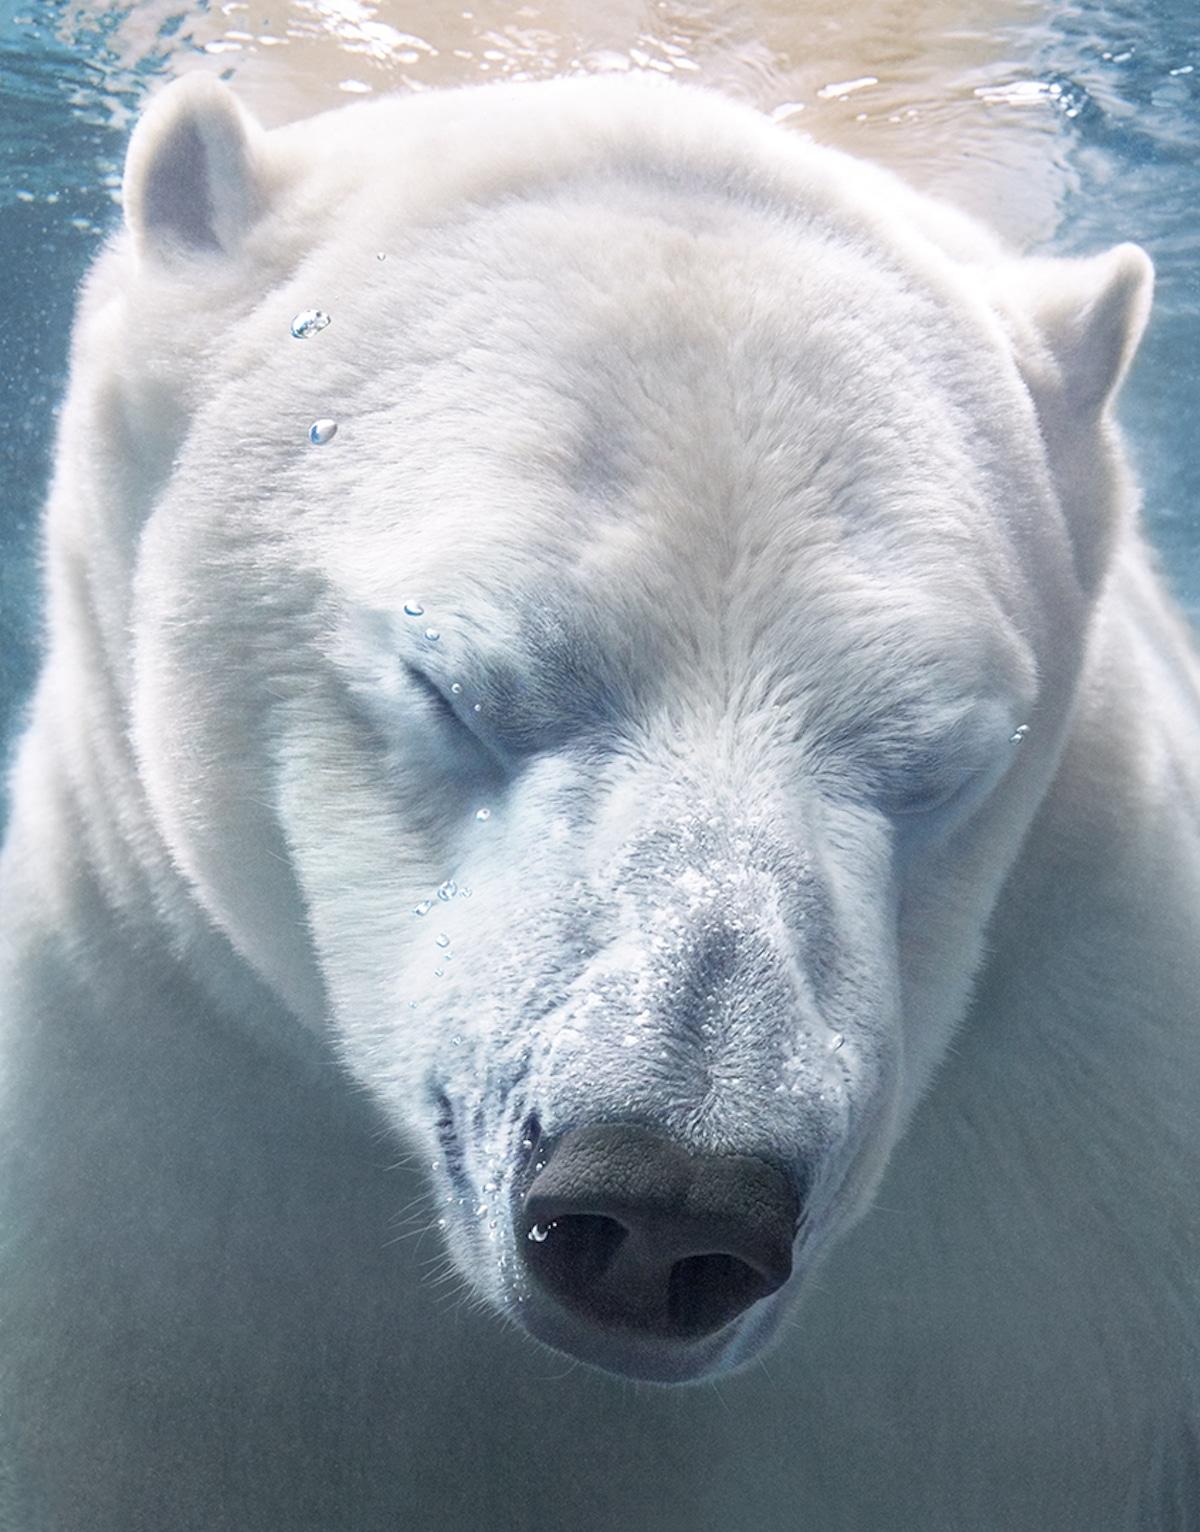 Zdjęcie misia z zamkniętymi oczami pod wodą